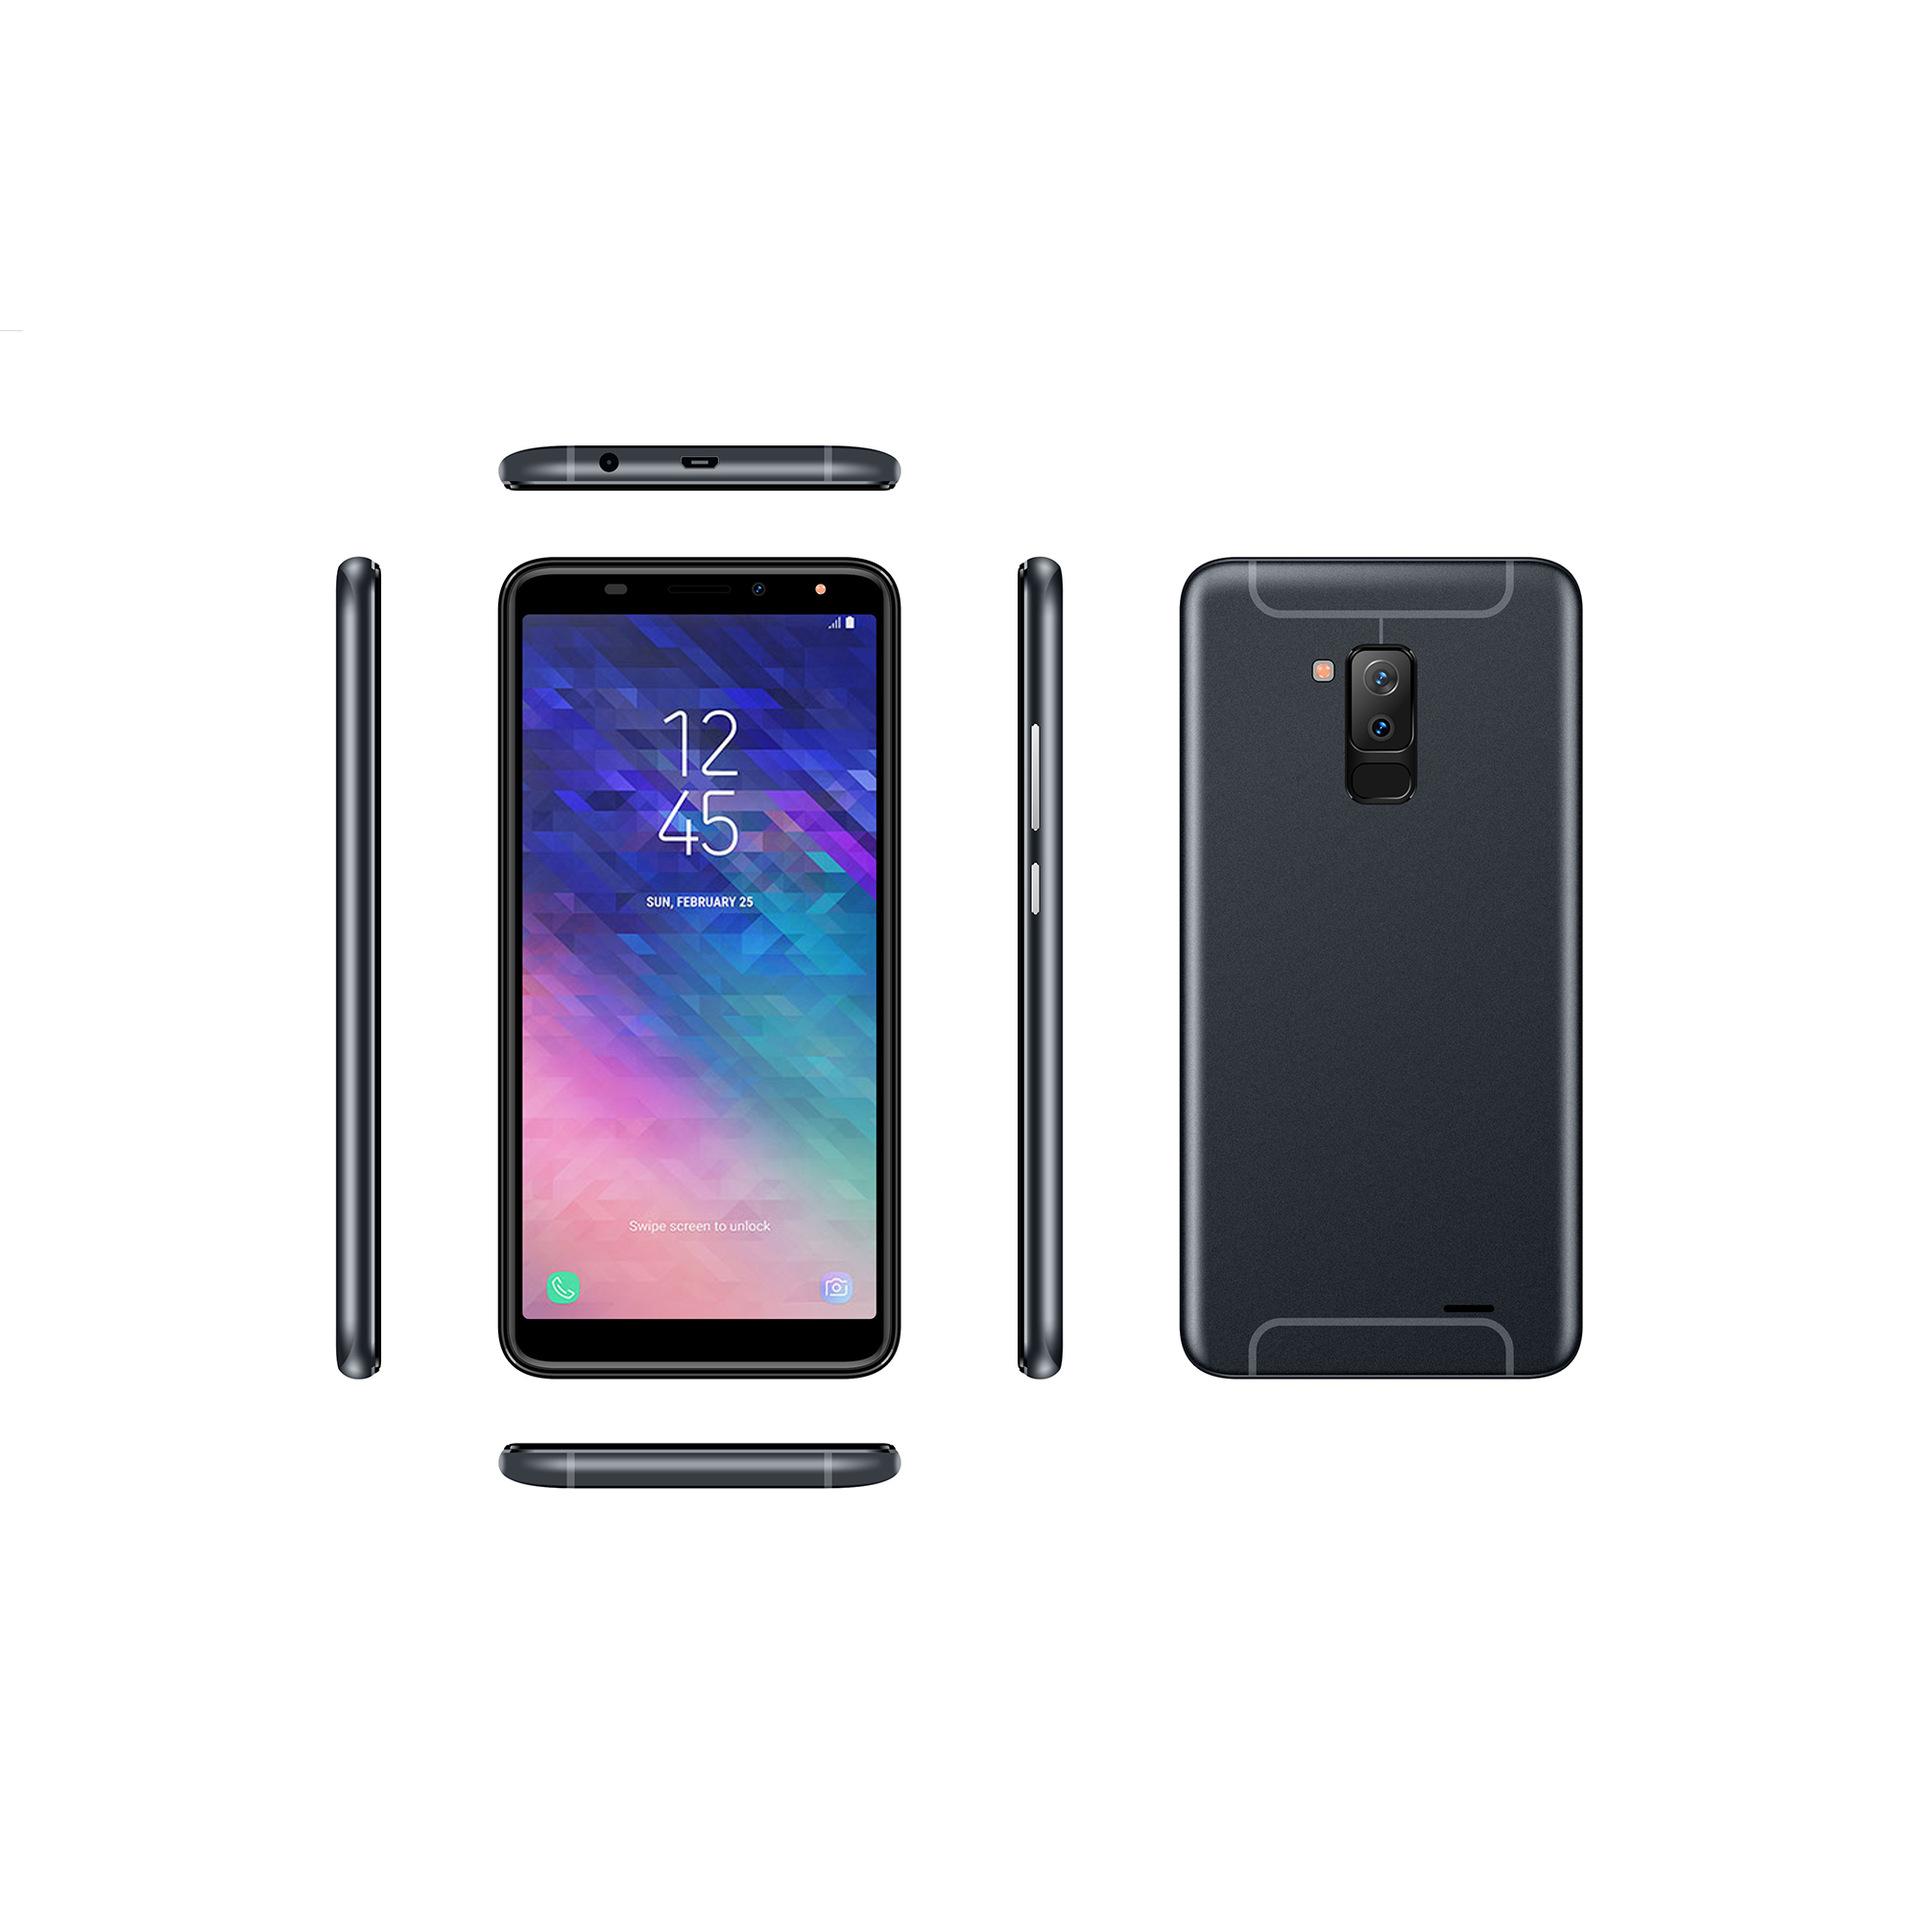 AStarry Thị trường phụ kiện di động Điện thoại thông minh Android A6plus 6.0 inch thẻ kép ở chế độ c